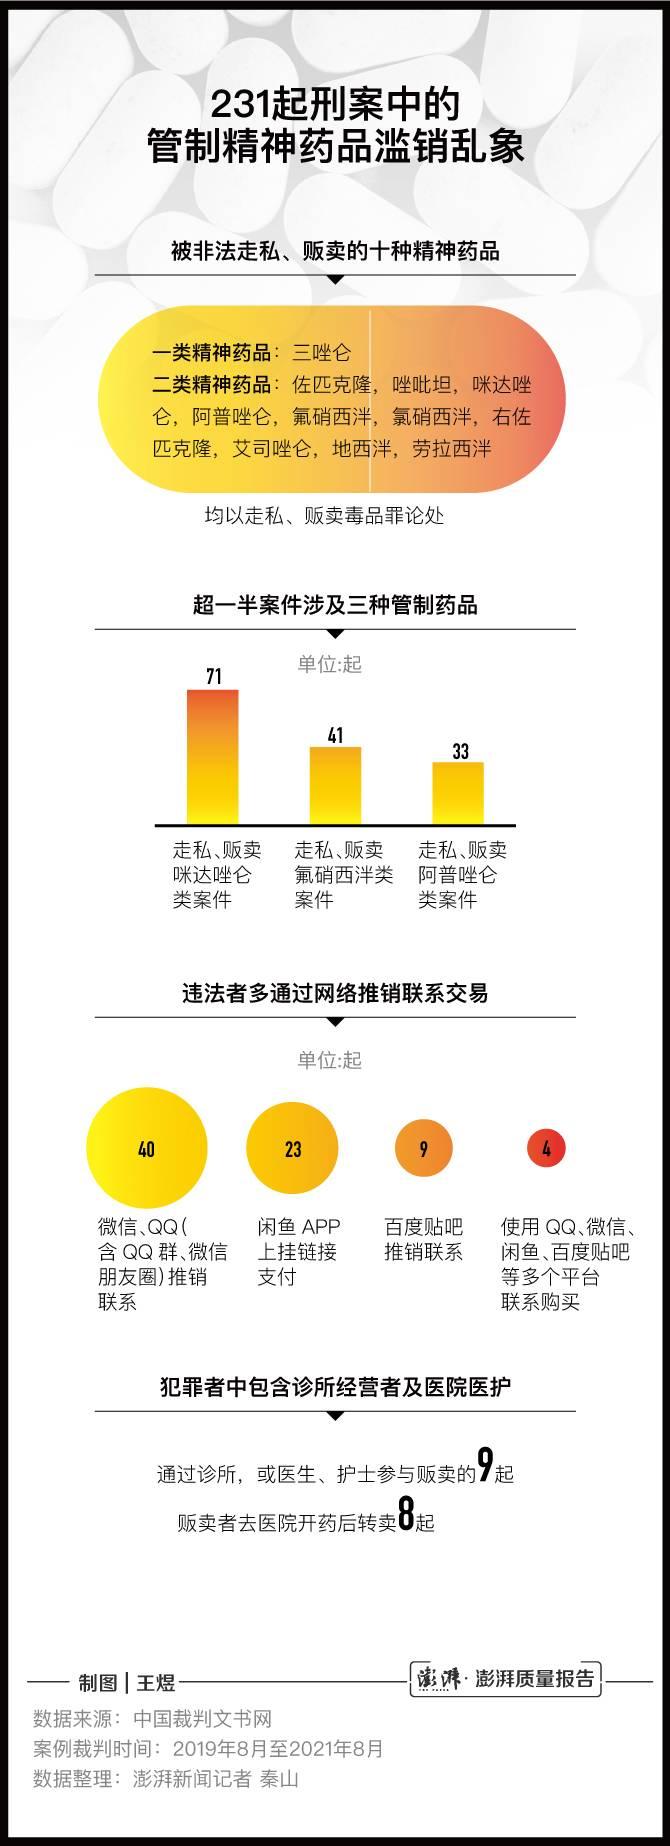 澎湃新闻记者梳理统计发现,2019年8月至2021年8月,两年间共有231起涉及走私、贩卖常见一、二类精神药品刑案。